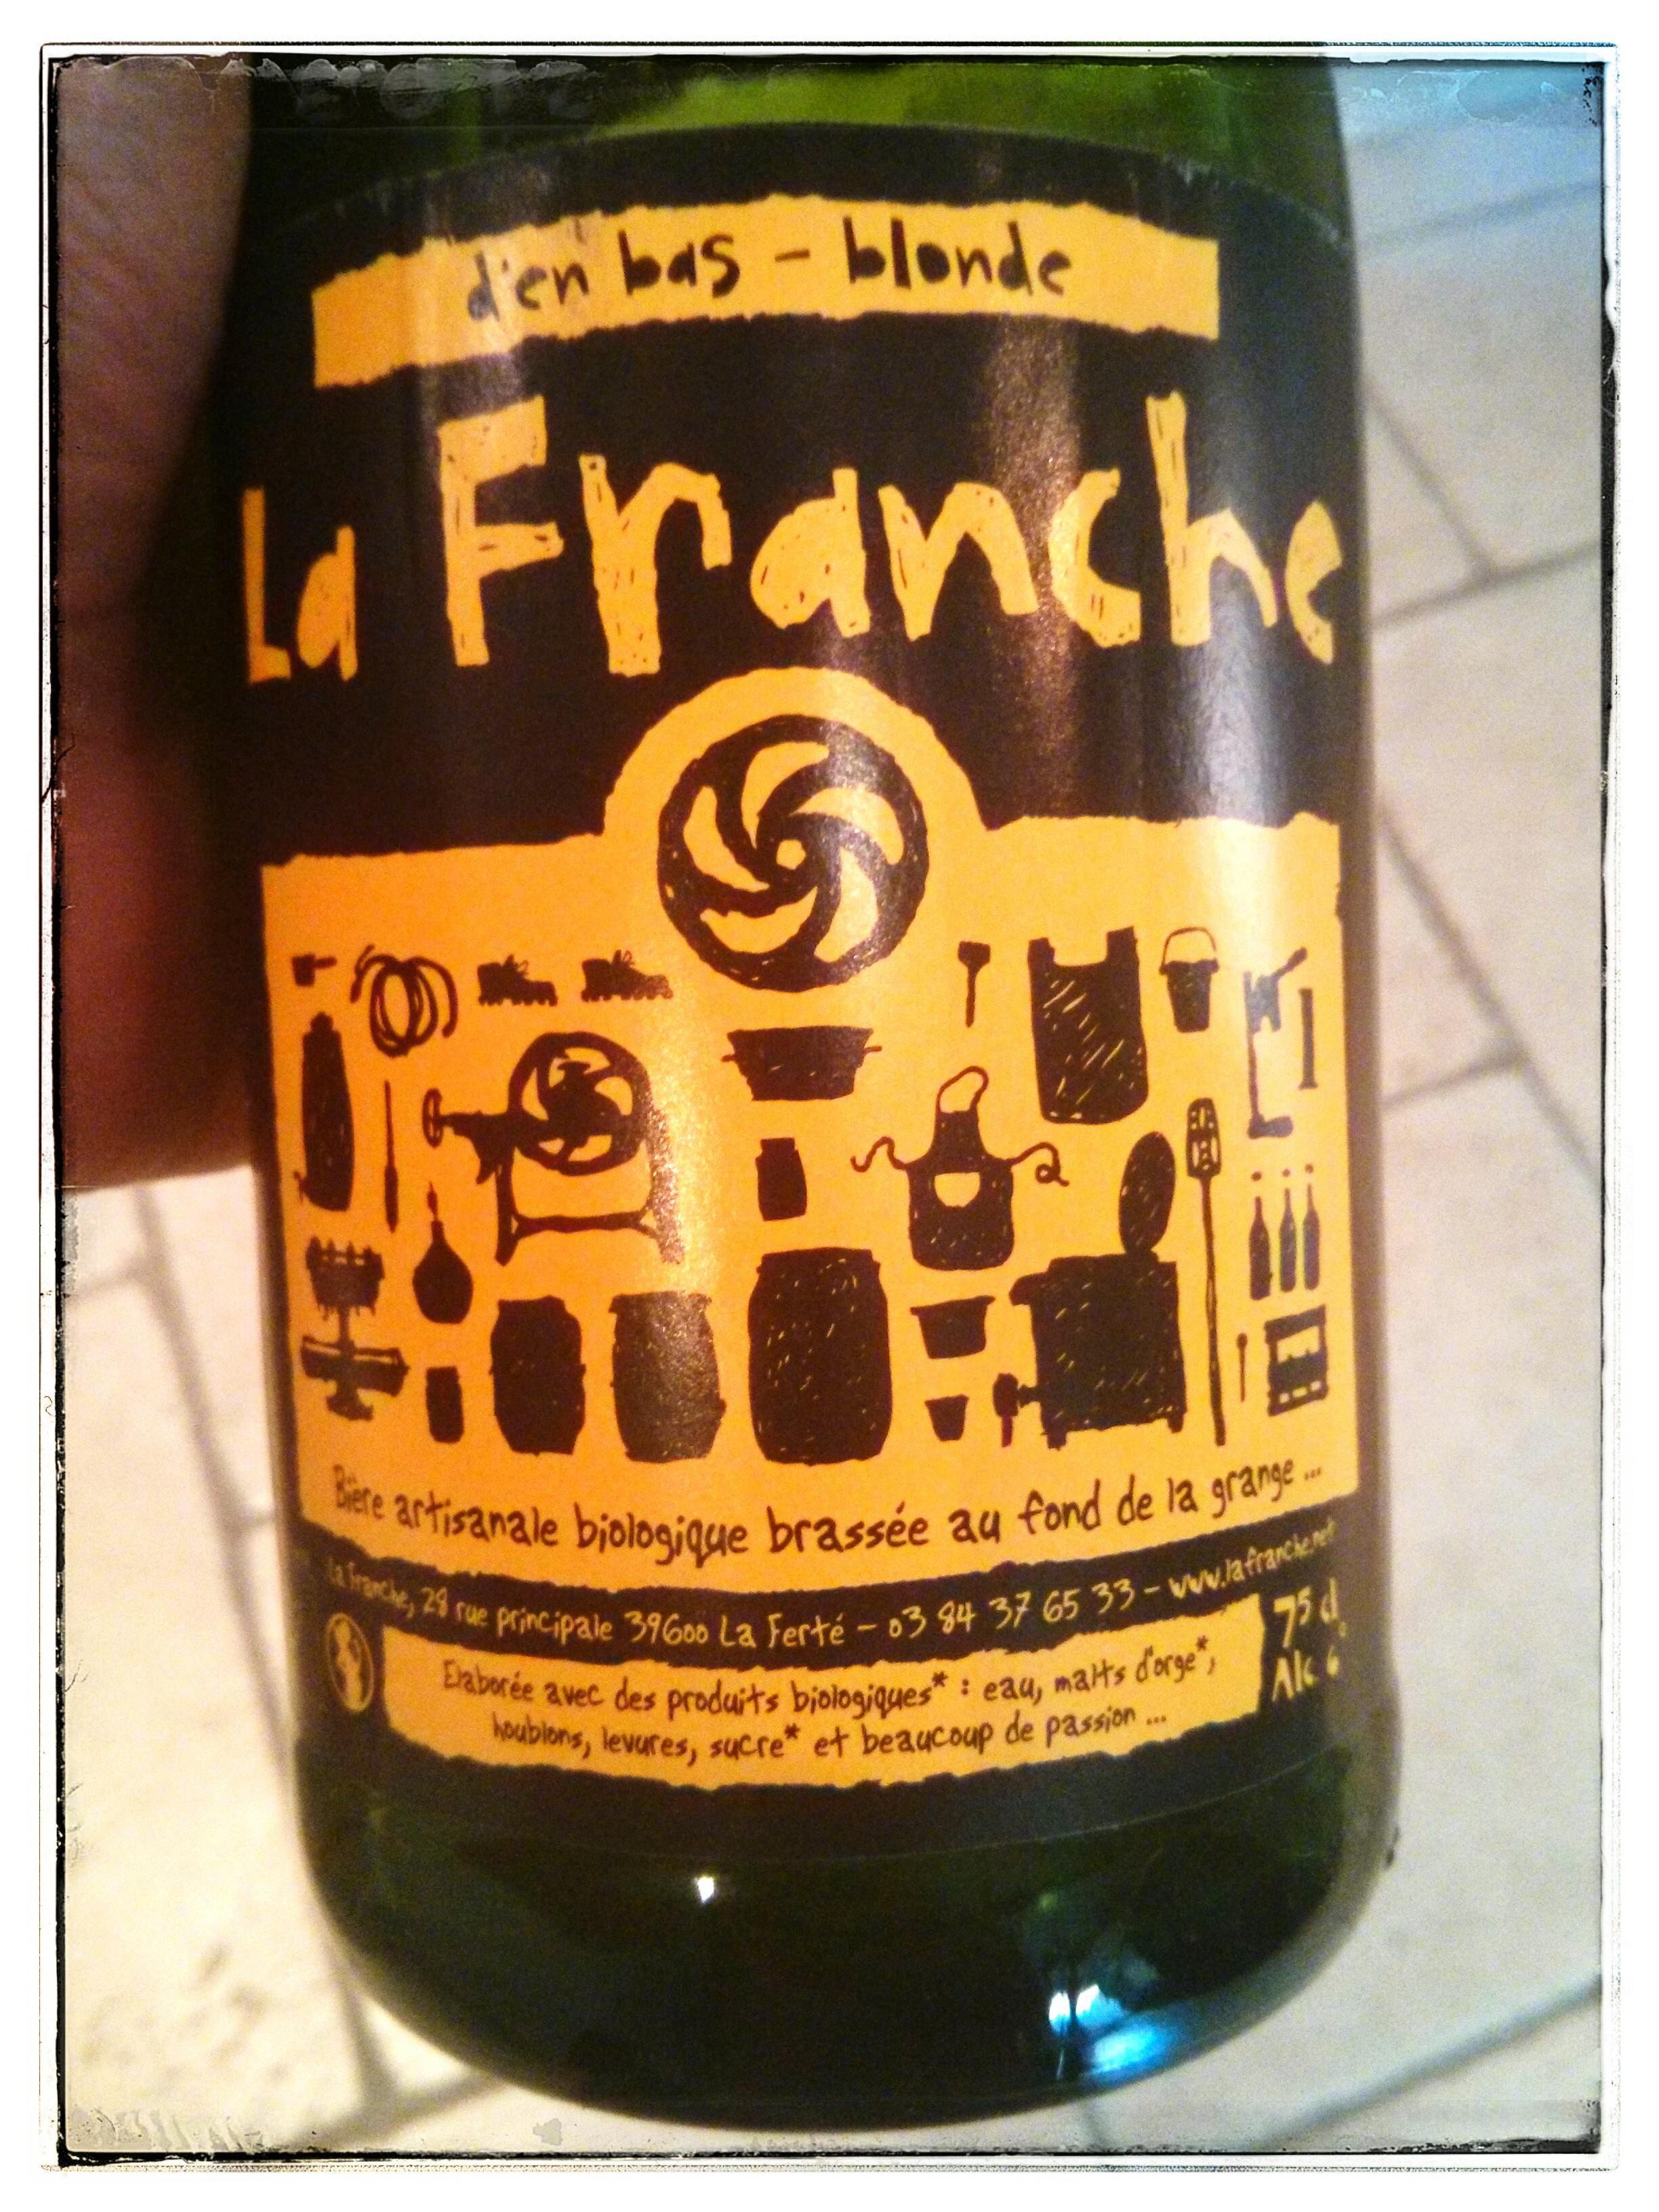 La Franche - Bière artisanale